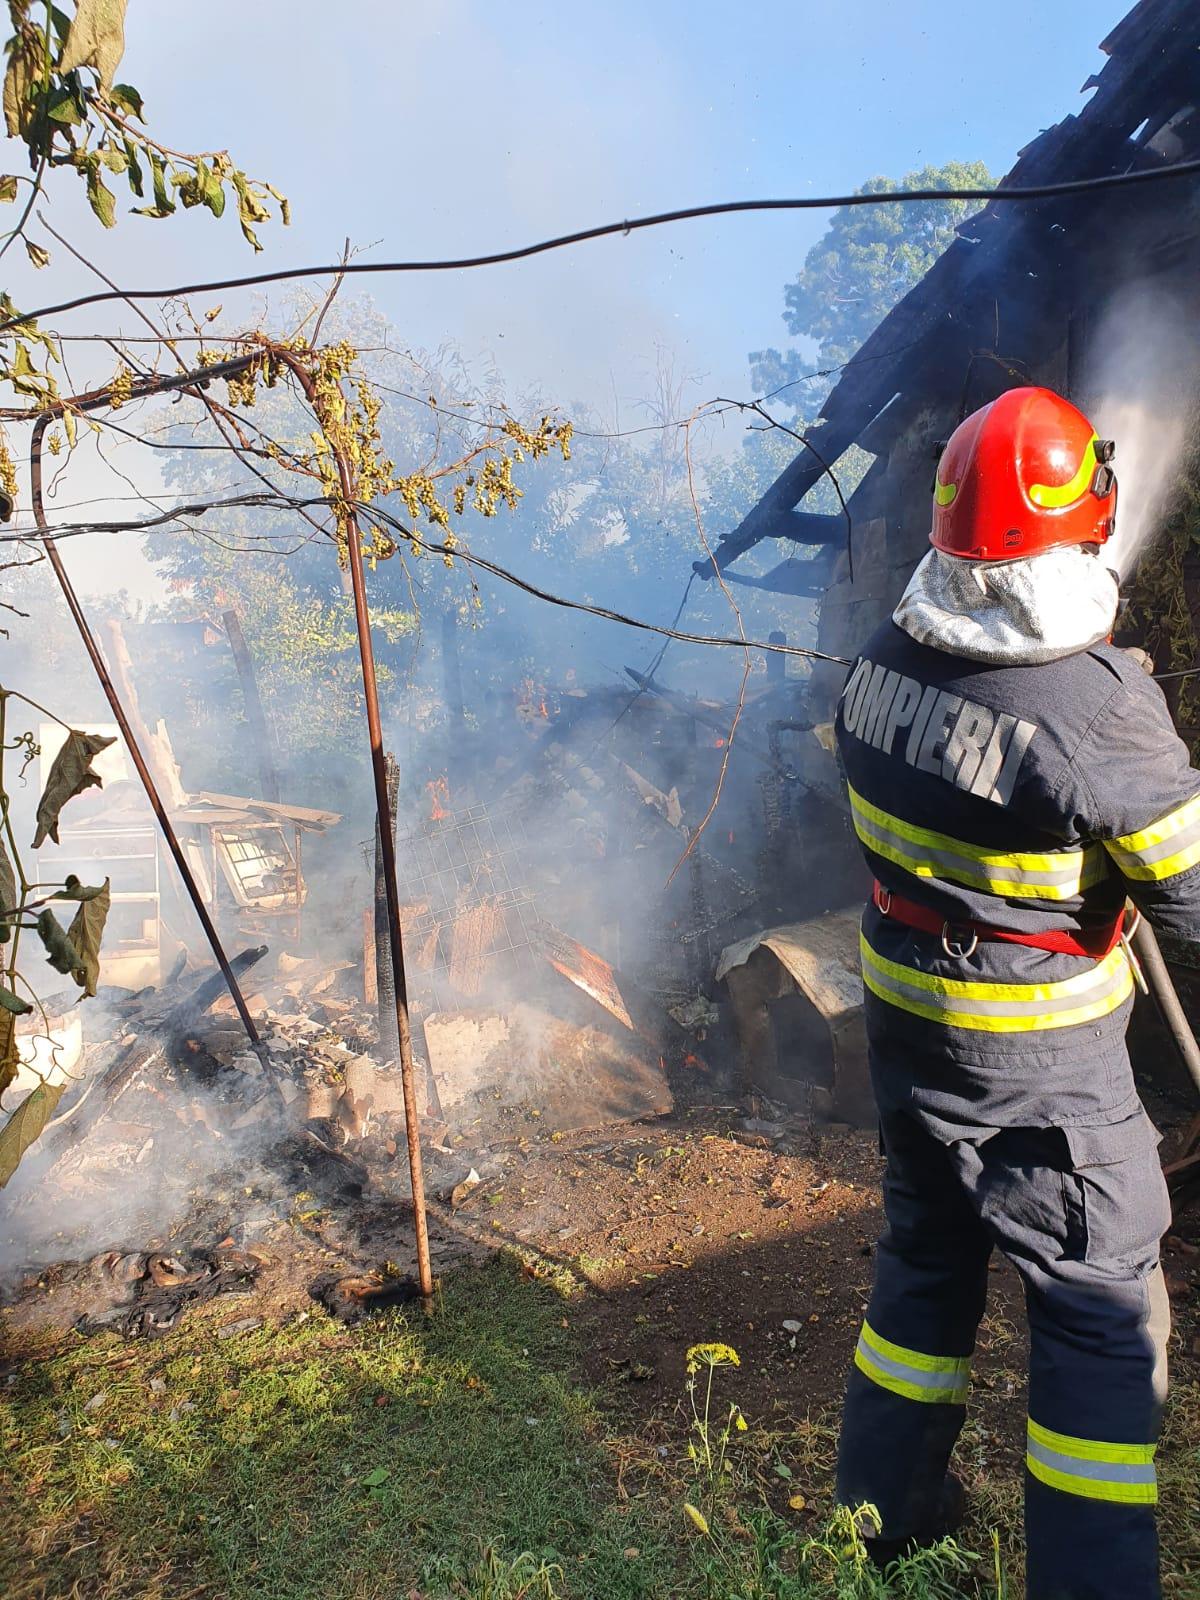 Pompierii Calafaeteni au intervenit pentru stingerea unui incendiu  în comuna Ciupercenii Noi